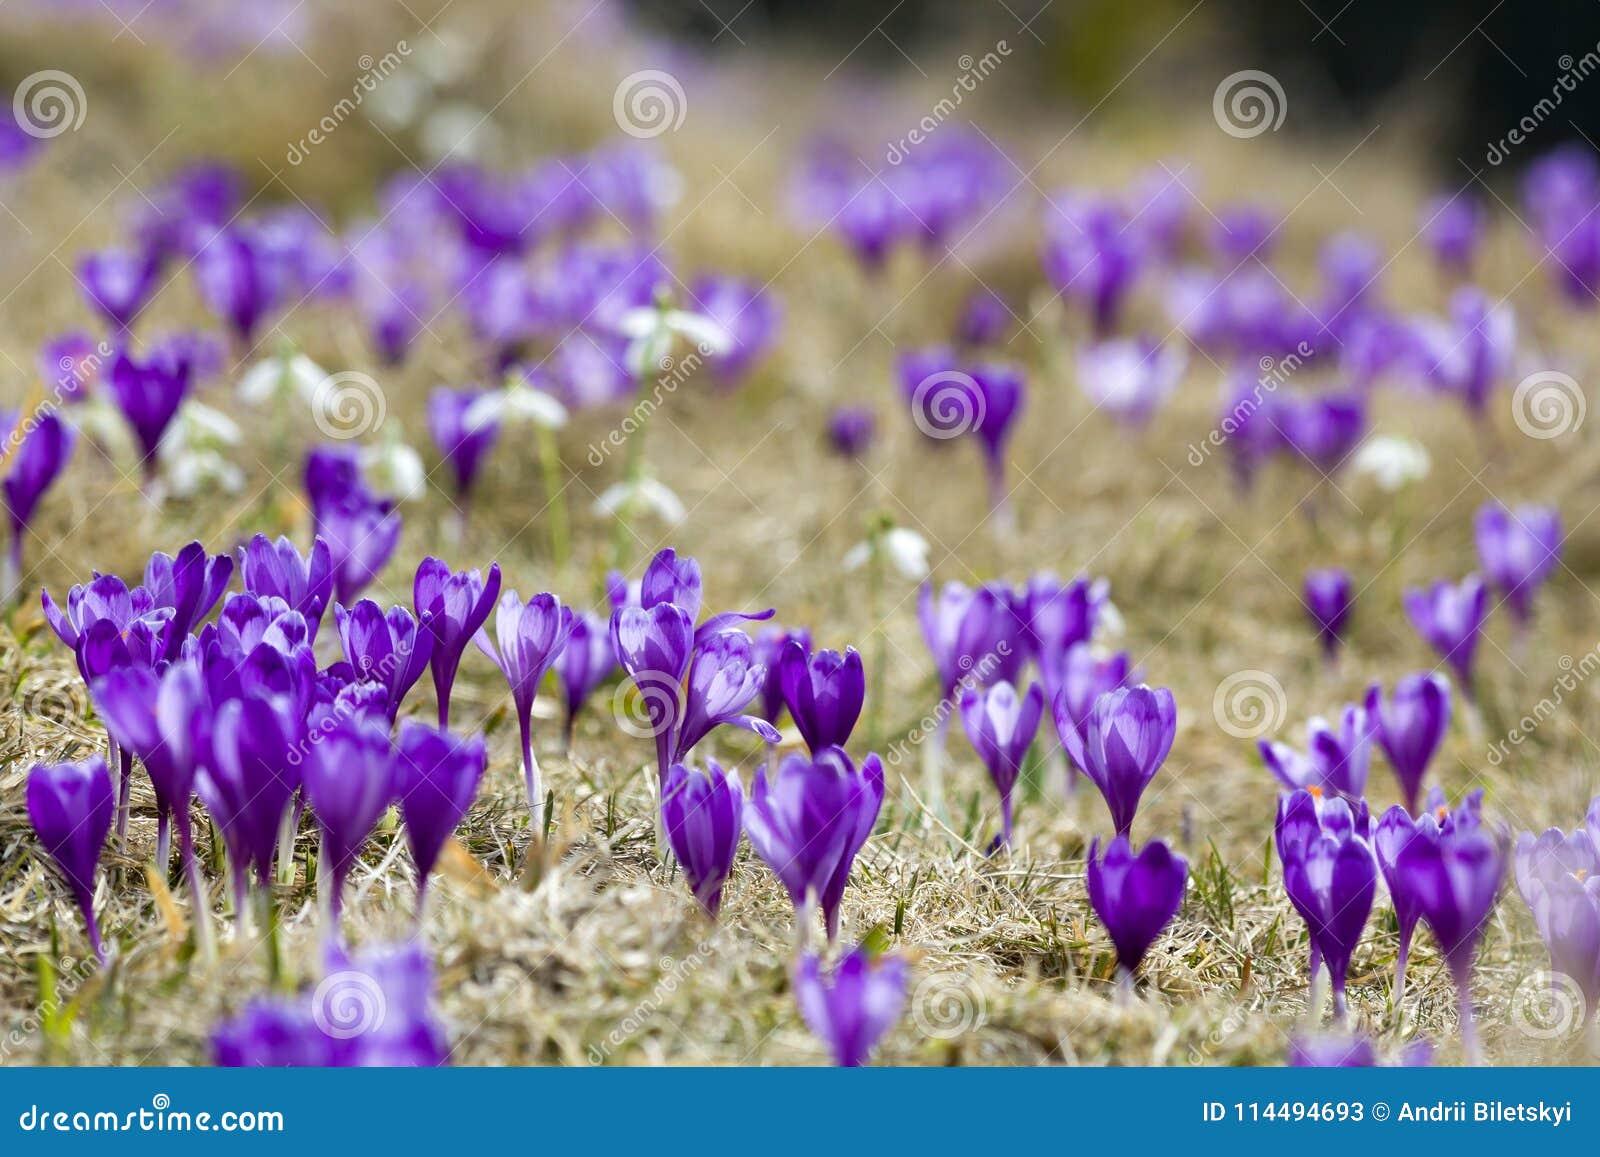 Bella vista dei croco viola meraviglioso di fioritura nella valle delle montagne carpatiche sulla mattina luminosa della molla Ec